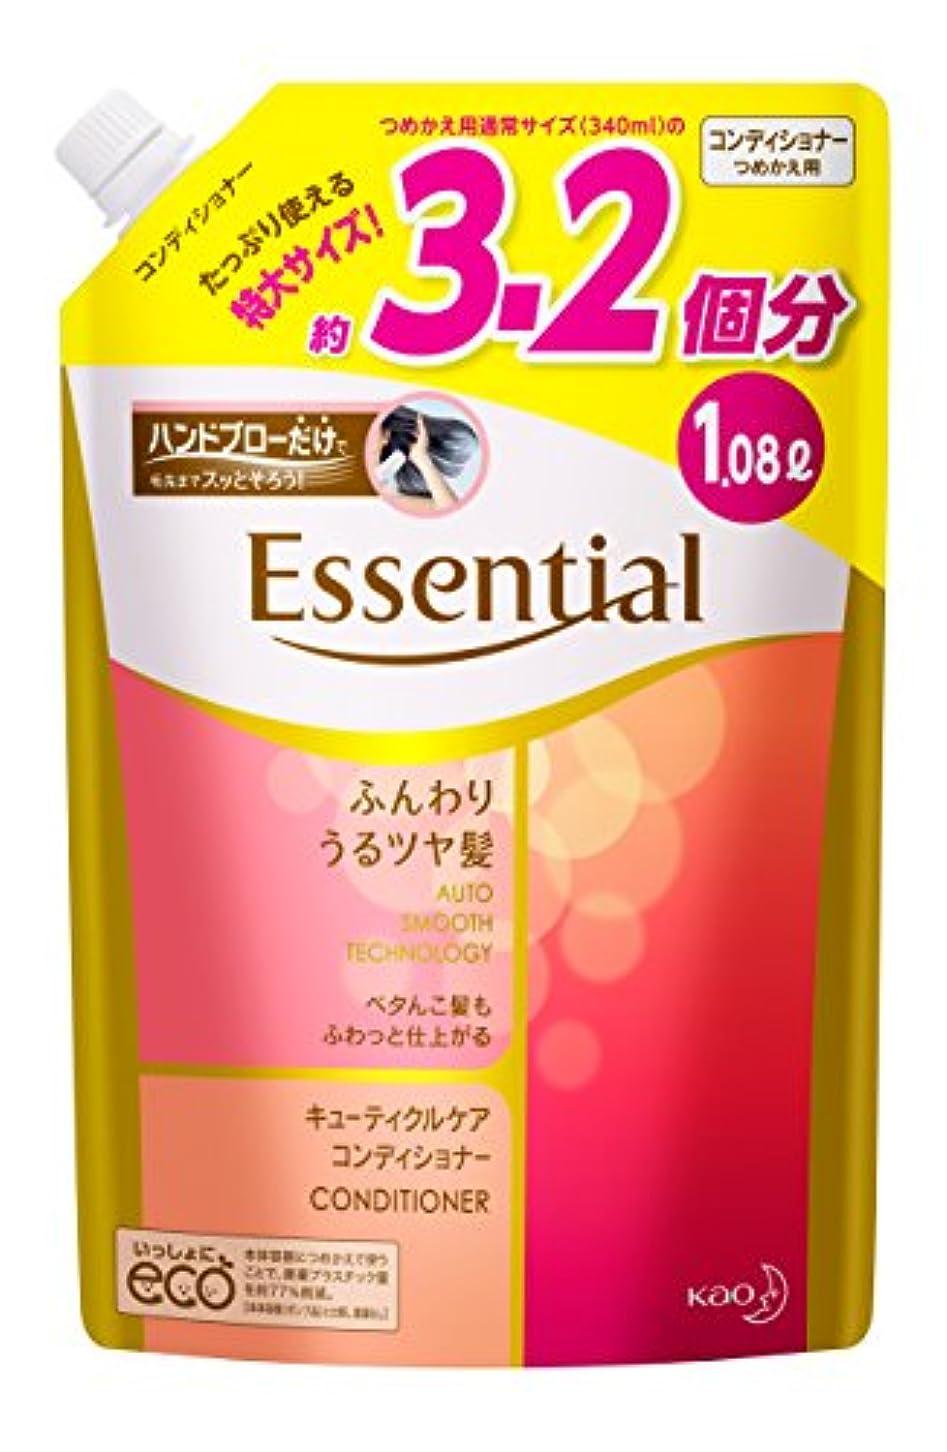 【大容量】エッセンシャル コンディショナー ふんわりうるツヤ髪 替1080ml/1080ml